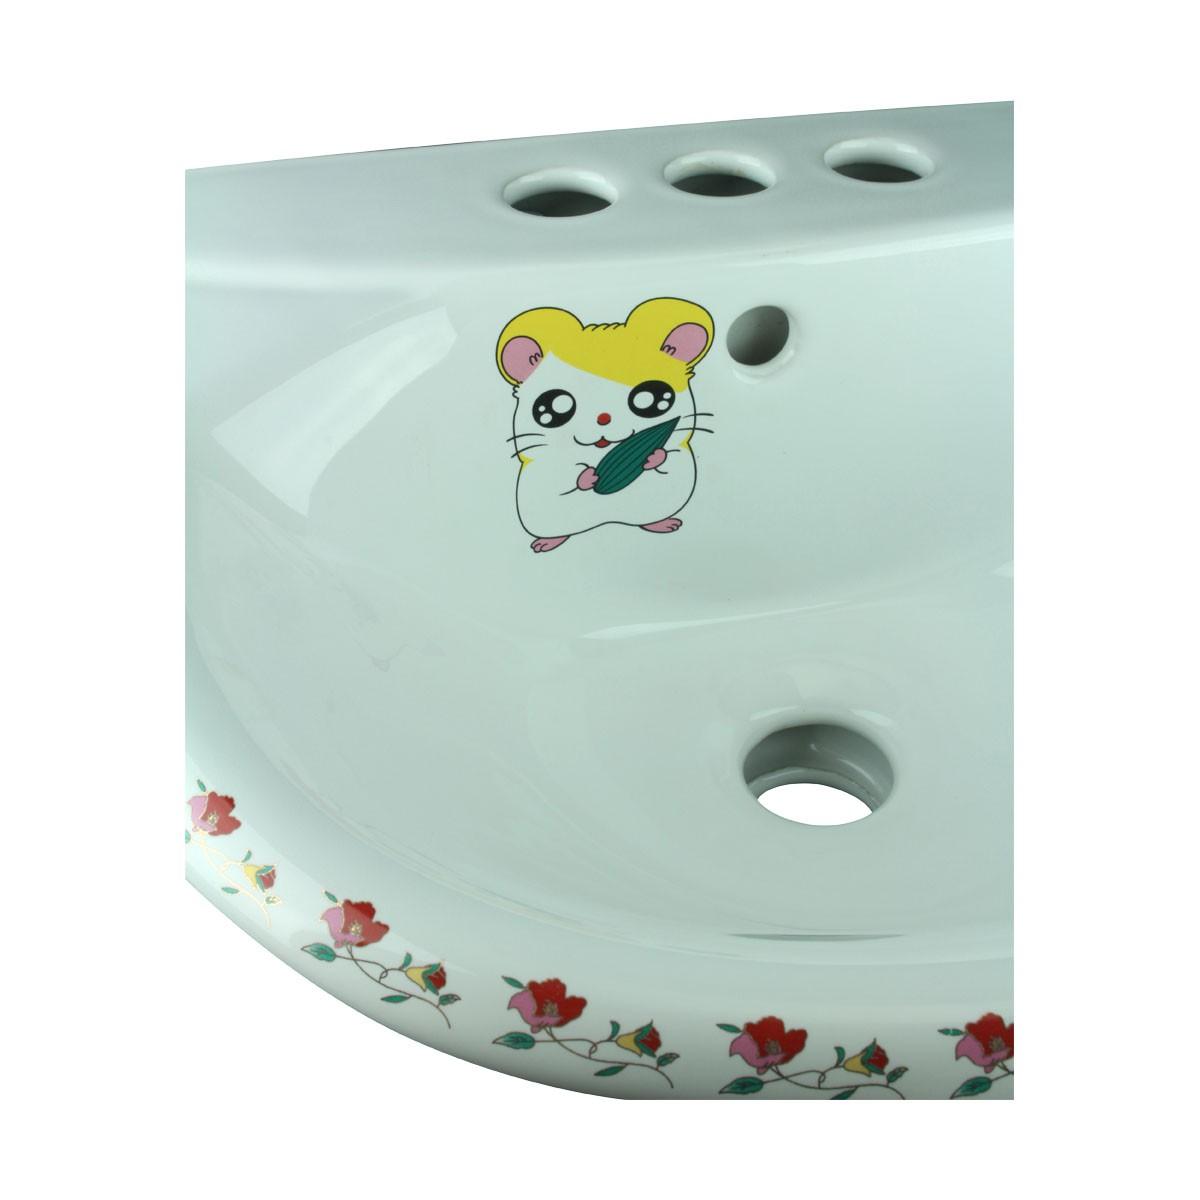 Chippy Mouse Child Size White Pedestal Sink   Pedestal Sink For Kids  Bathroom